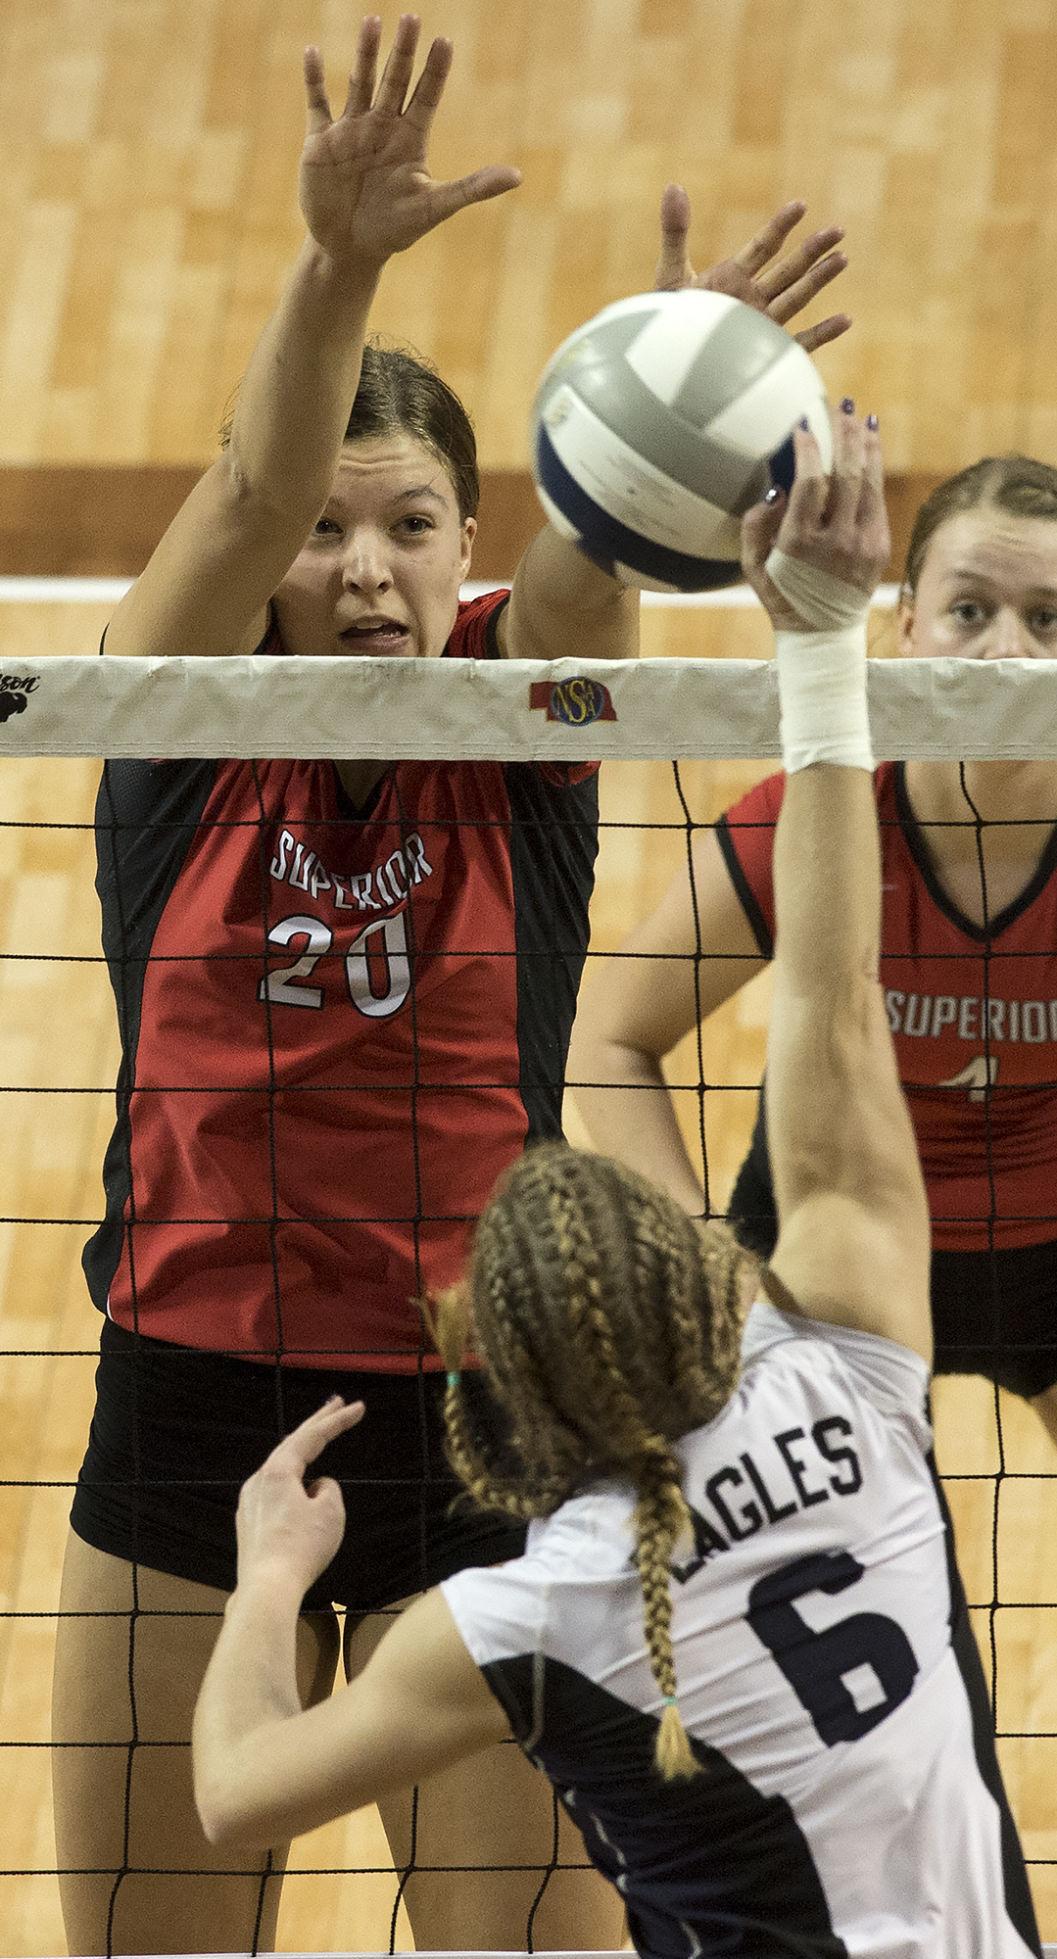 Nebraska Christian vs. Superior, C-2 semifinals, 11/10/17